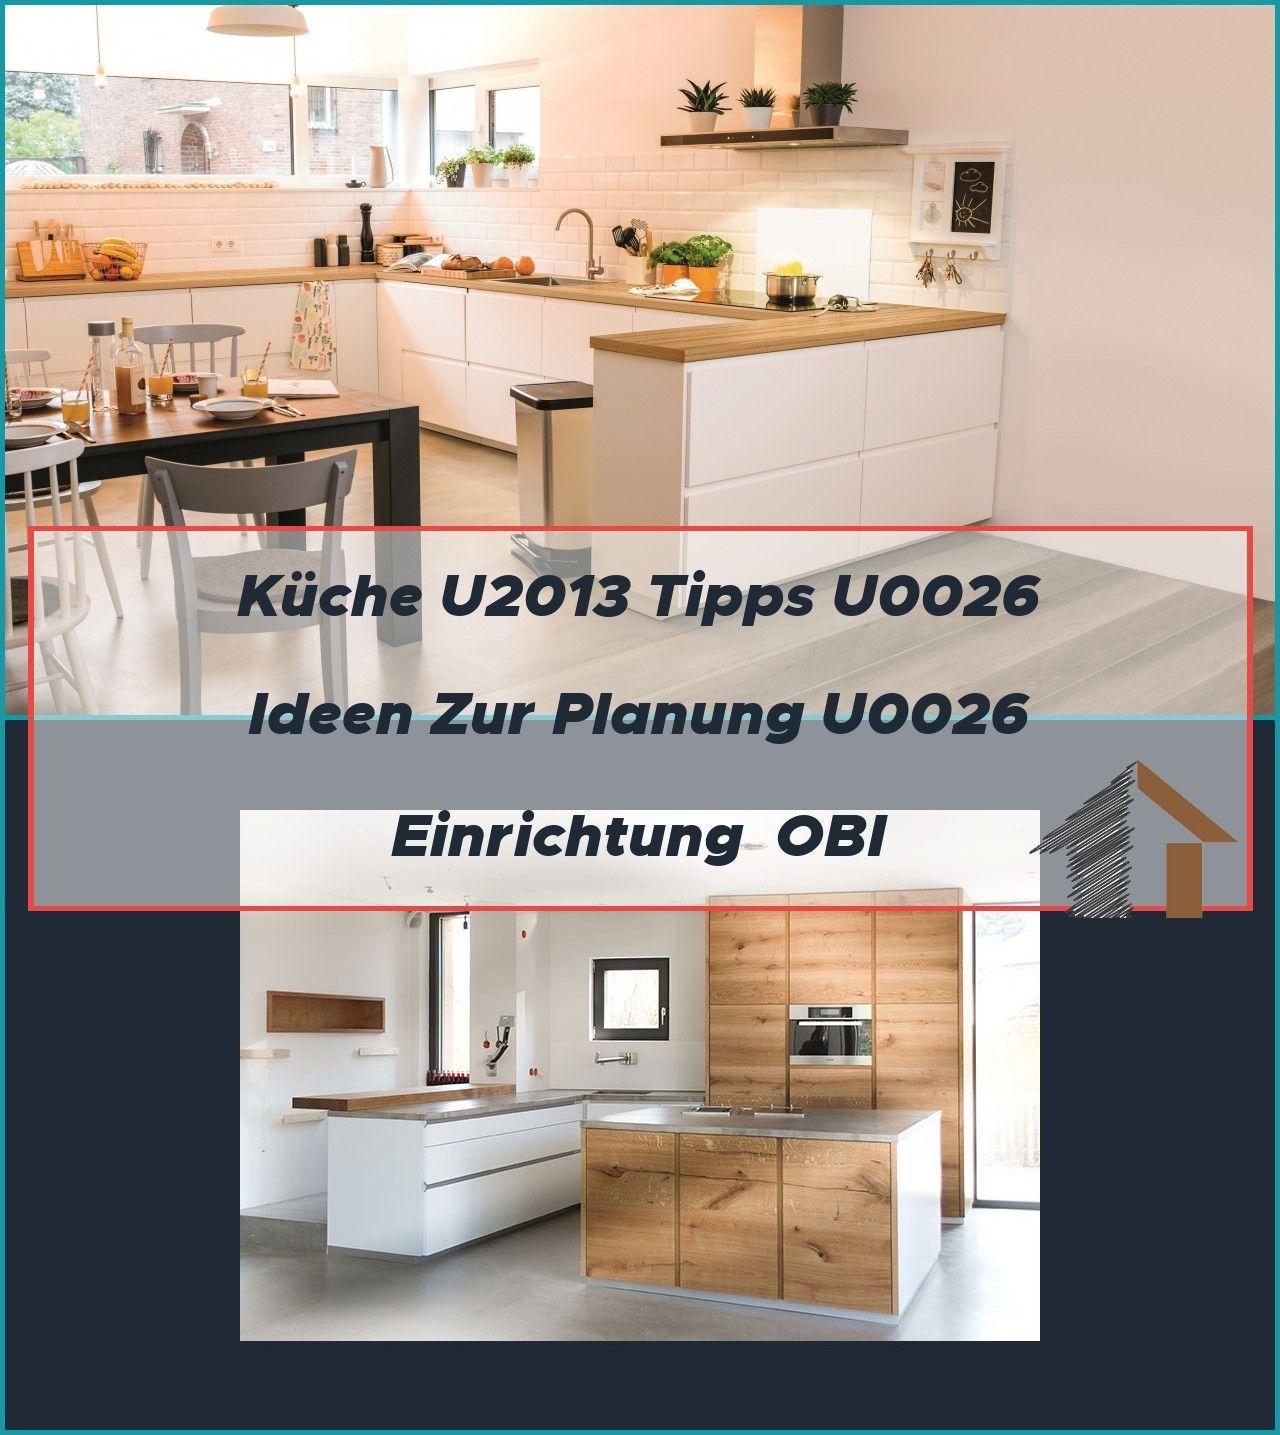 Schreinerei Kaspar Orterer Harmonie In Holz Unsere In 2020 Schmidt Kuchen Marquardt Kuchen Kuche Planen